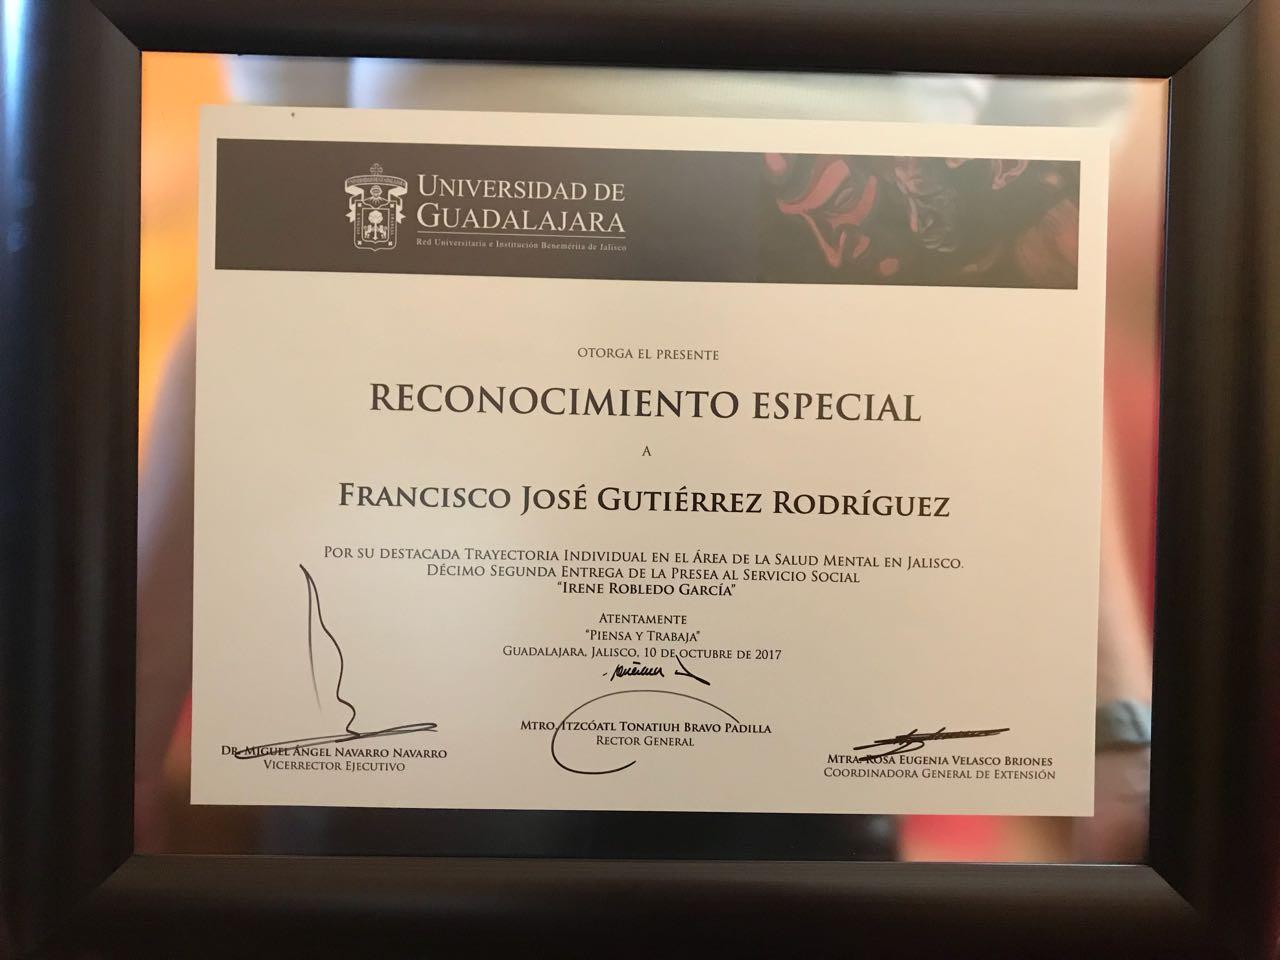 Imagen del reconocimiento especial que recibió el Mtro. Francisco Gutiérrez Rodríguez